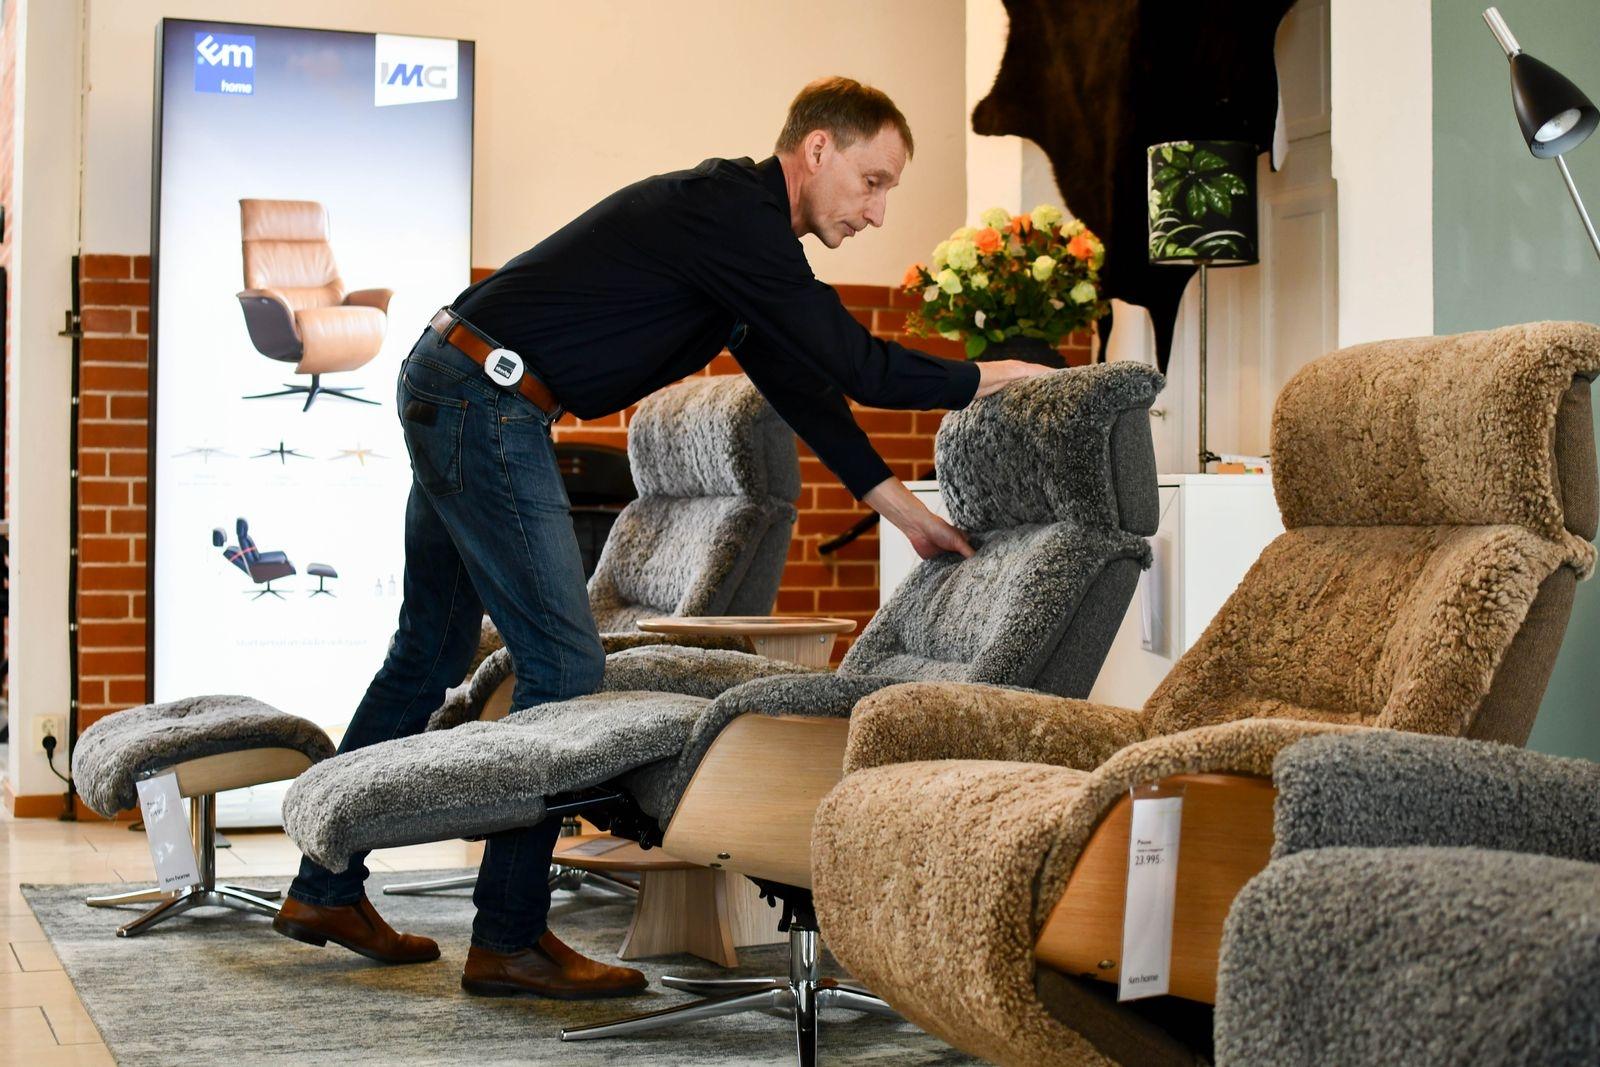 """""""Näst efter sängen är fåtöljen den möbel som vi tillbringar mest tid i och utbudet av fåtöljer med hög komfort är stort"""", säger Göran och visar en ställbar fårskinnsfåtölj."""